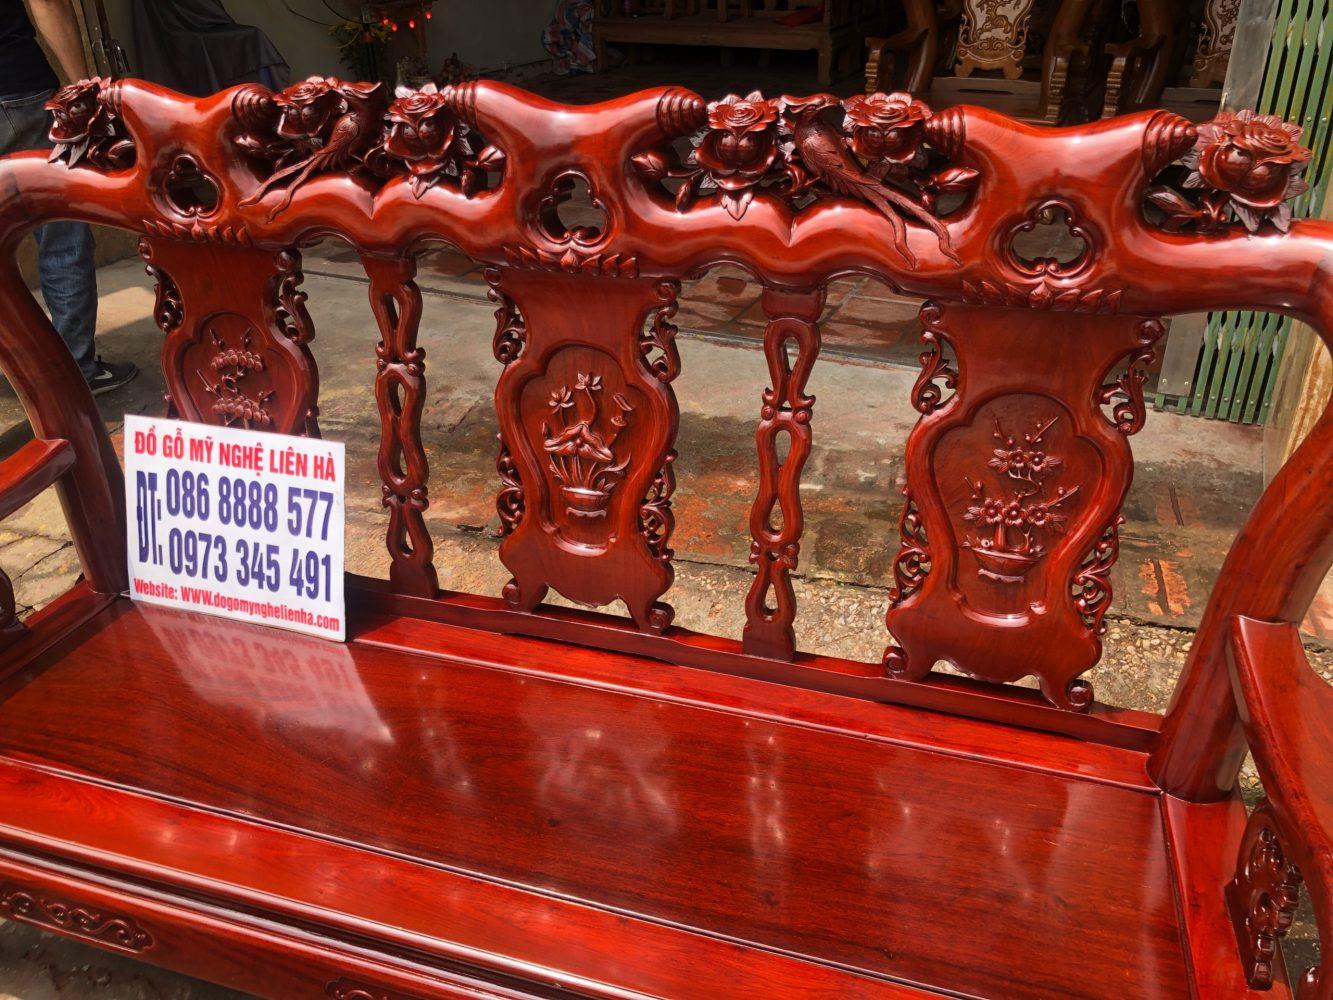 đoản dài bộ bàn ghế minh quốc Hồng Trĩ 6 món cột 10 gỗ hương lào